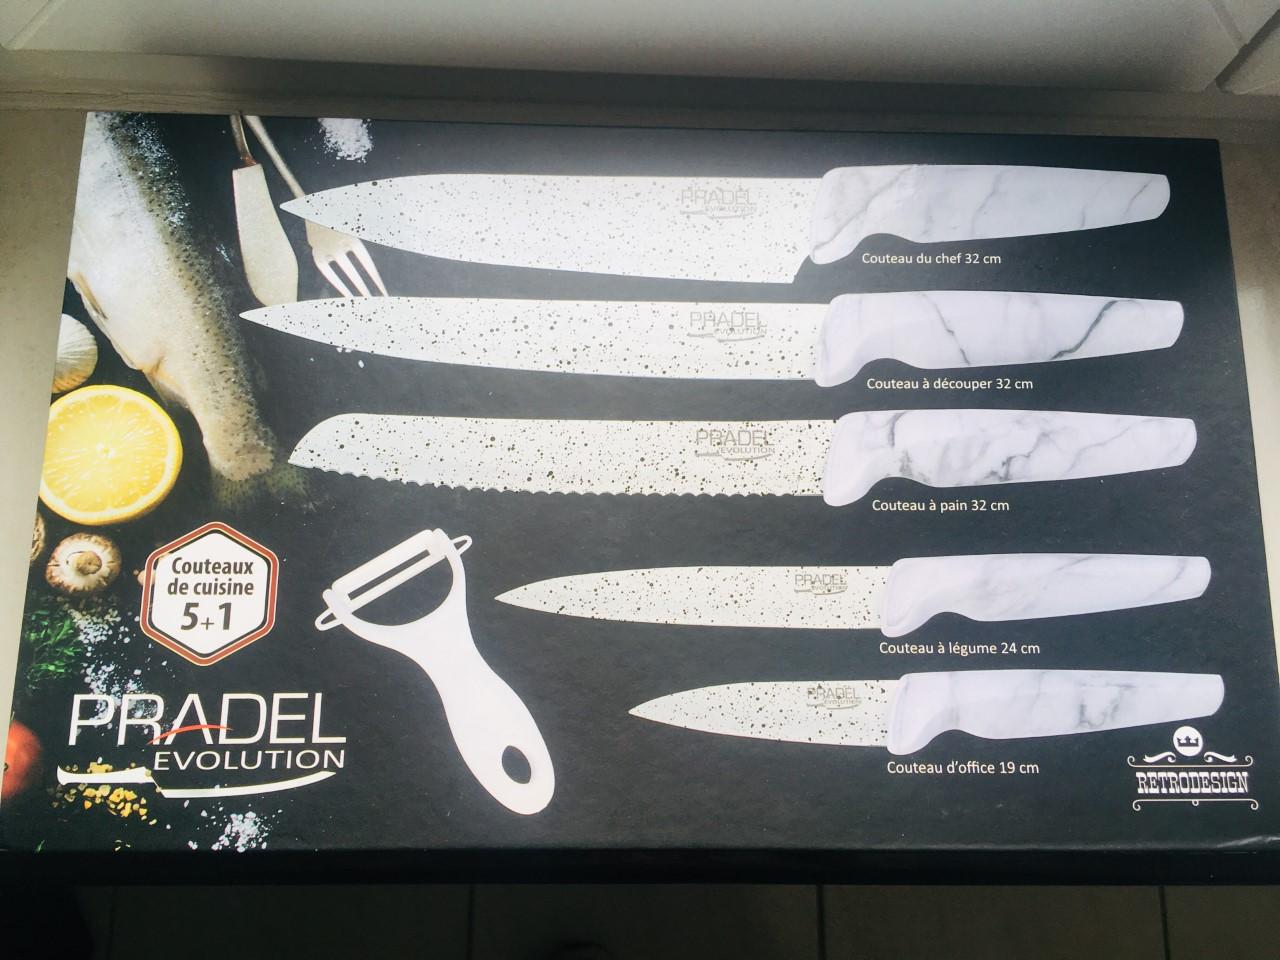 Coffret de 5 couteaux de cuisine au prix de 23,90 euros.